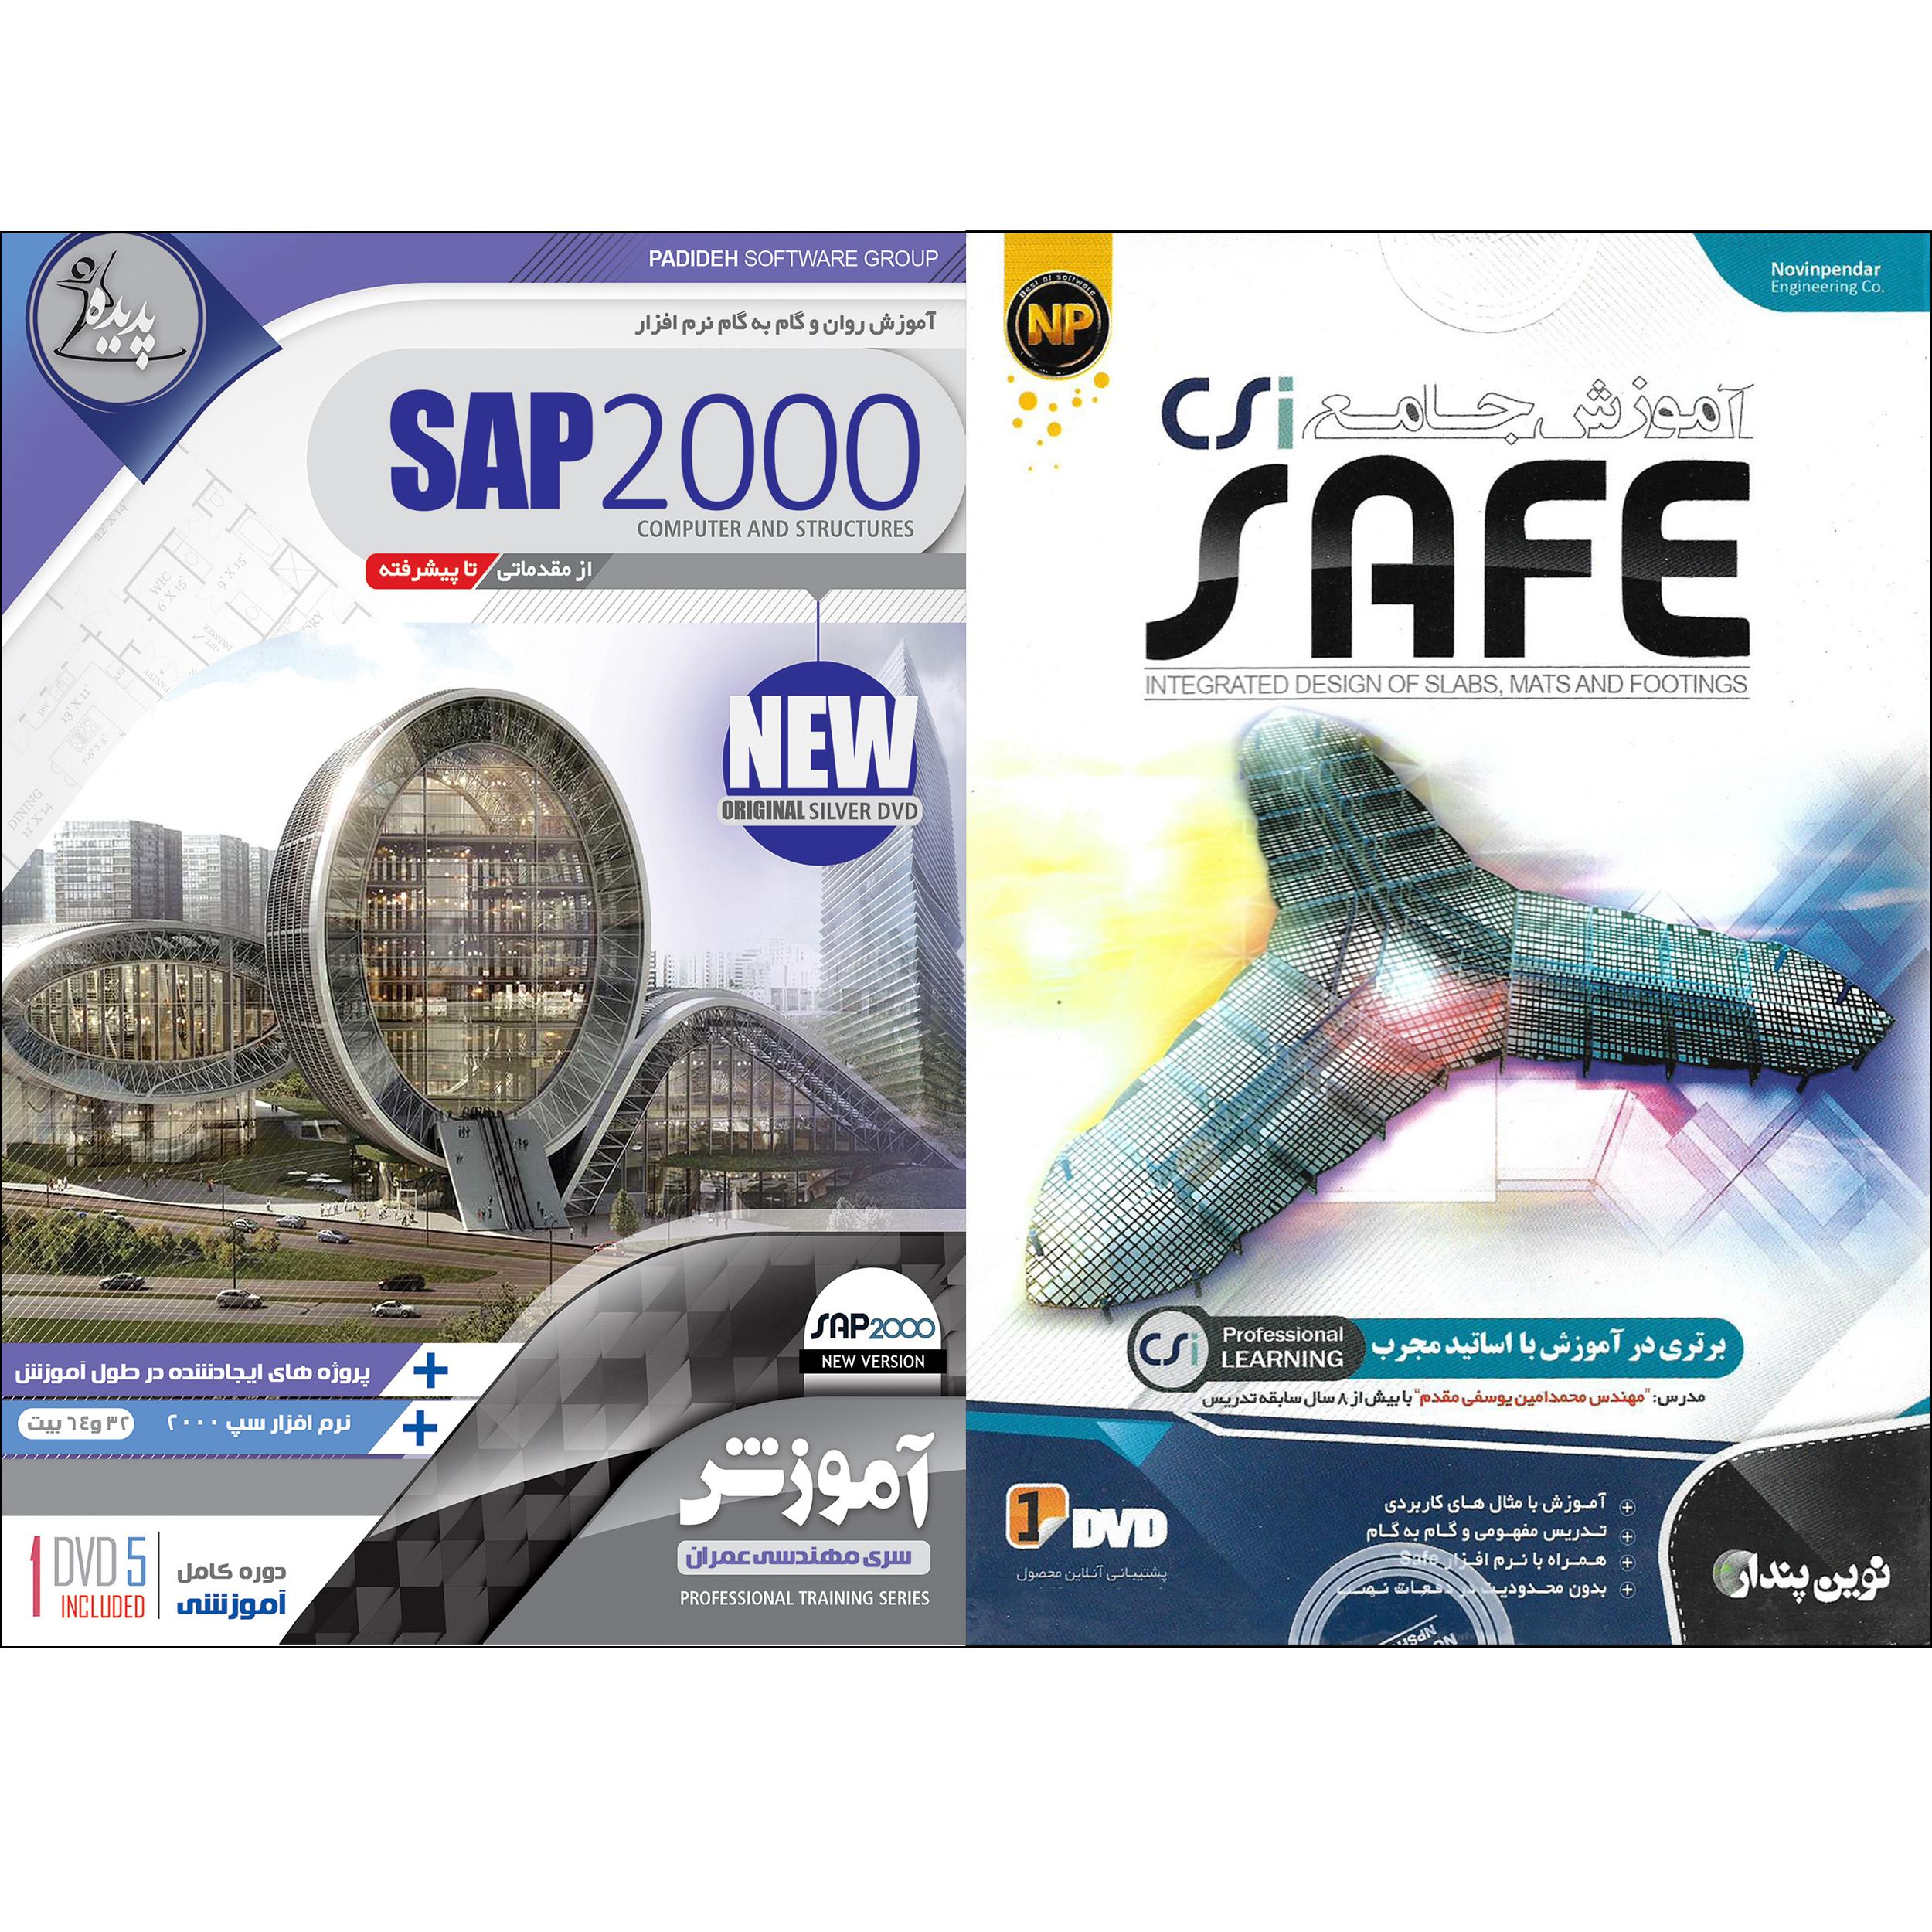 نرم افزار آموزش SAFE نشر نوین پندار به همراه نرم افزار آموزش SAP 2000 نشر پدیده